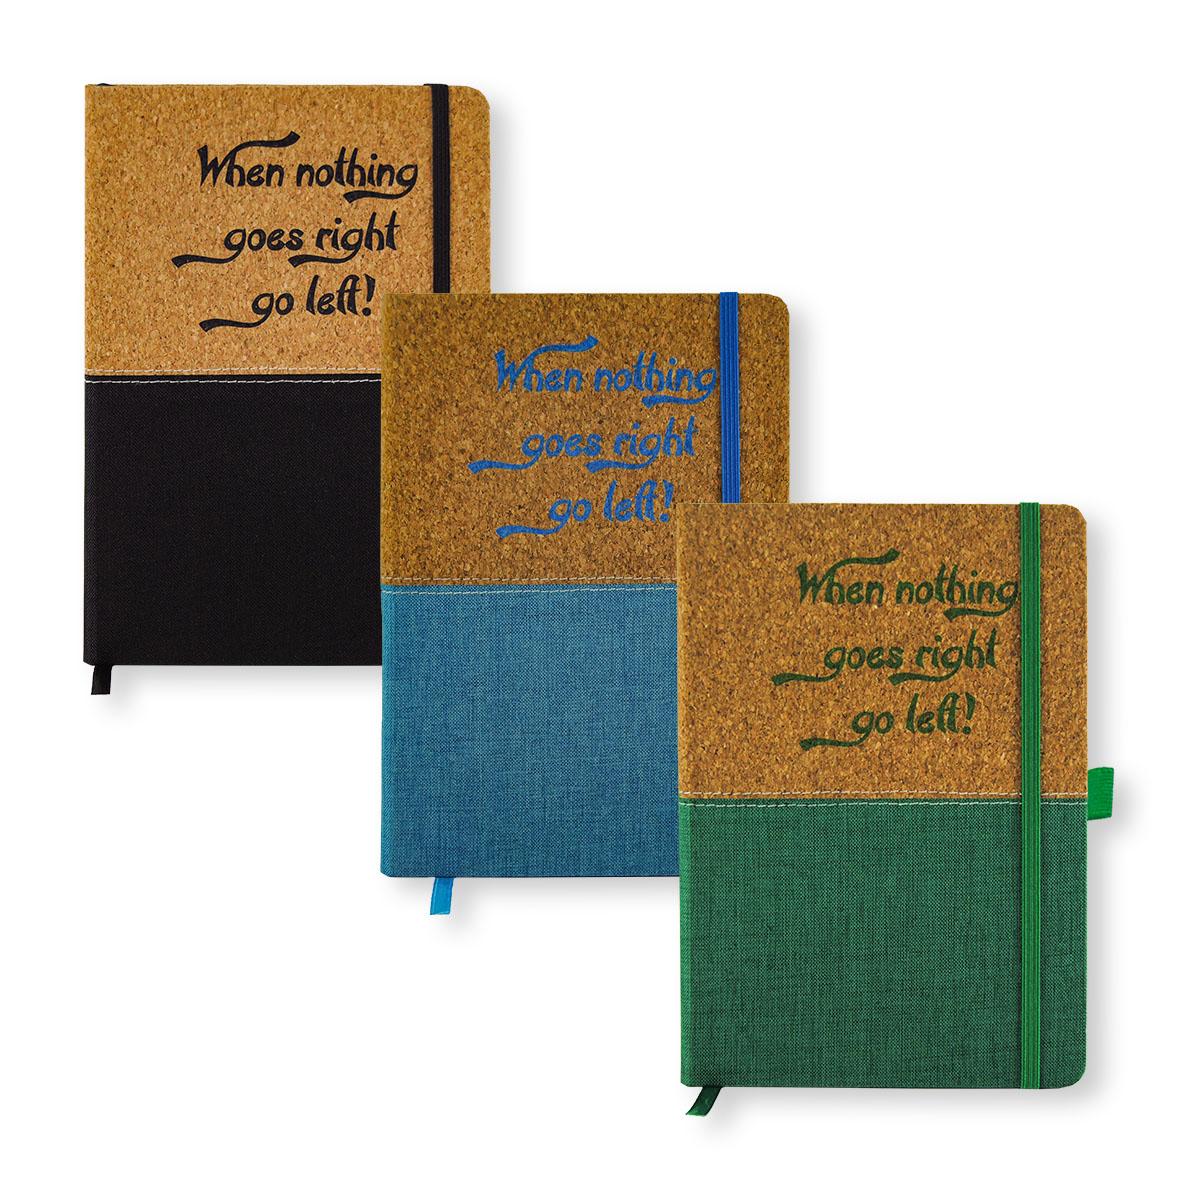 Notizbuch DIN A5 mit Kork/Stoffbezug Image